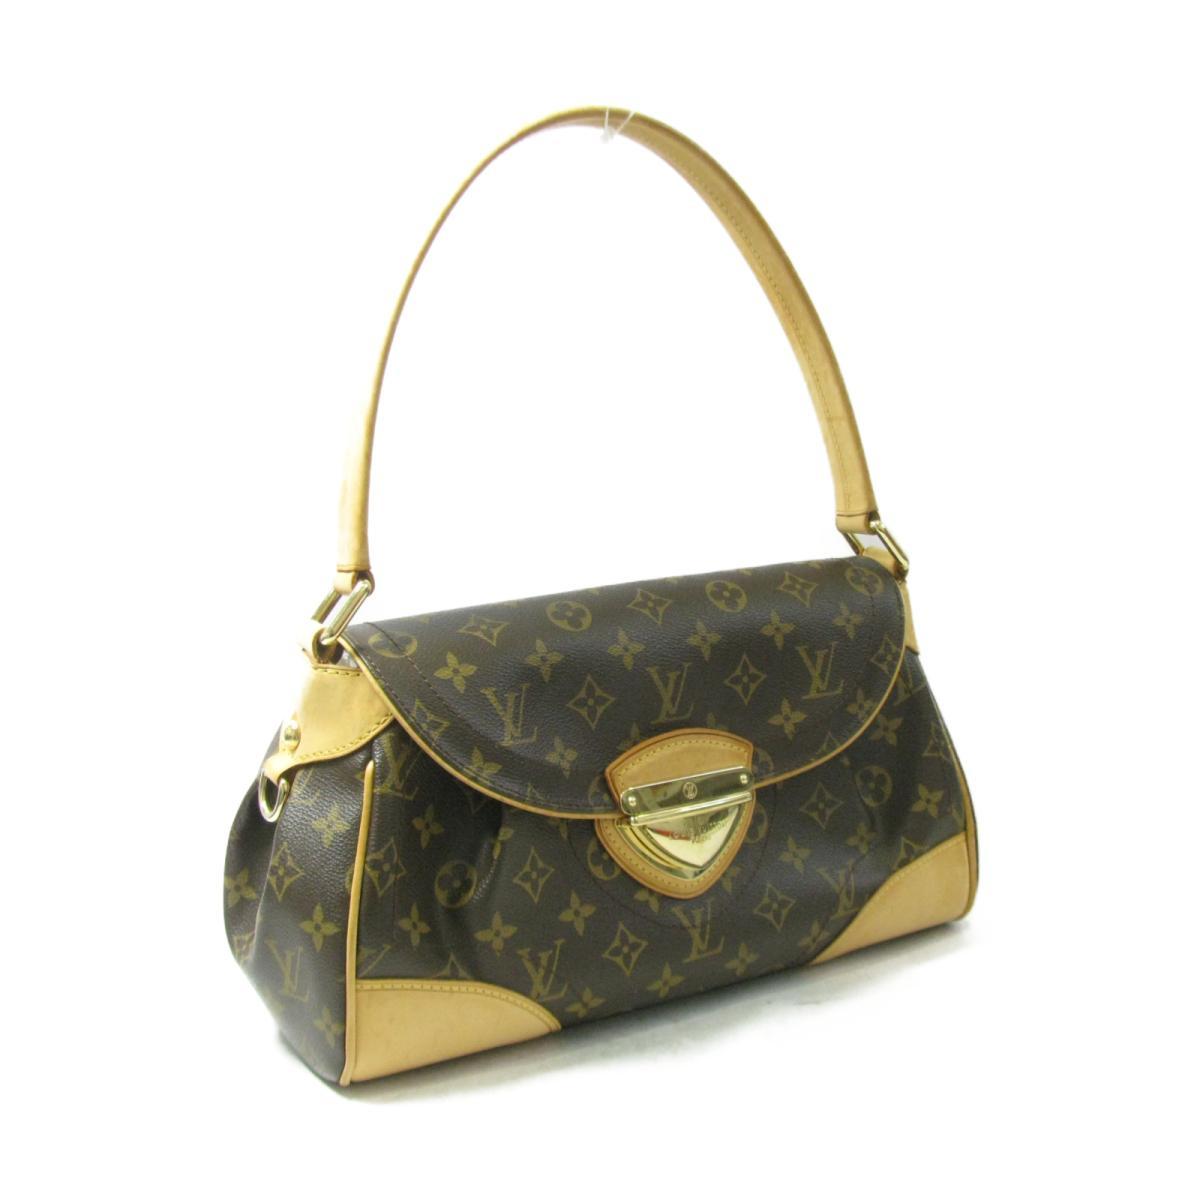 4a64ea52a77b Louis Vuitton Beverly MM shoulder bag bag lady monogram monogram (M40121)